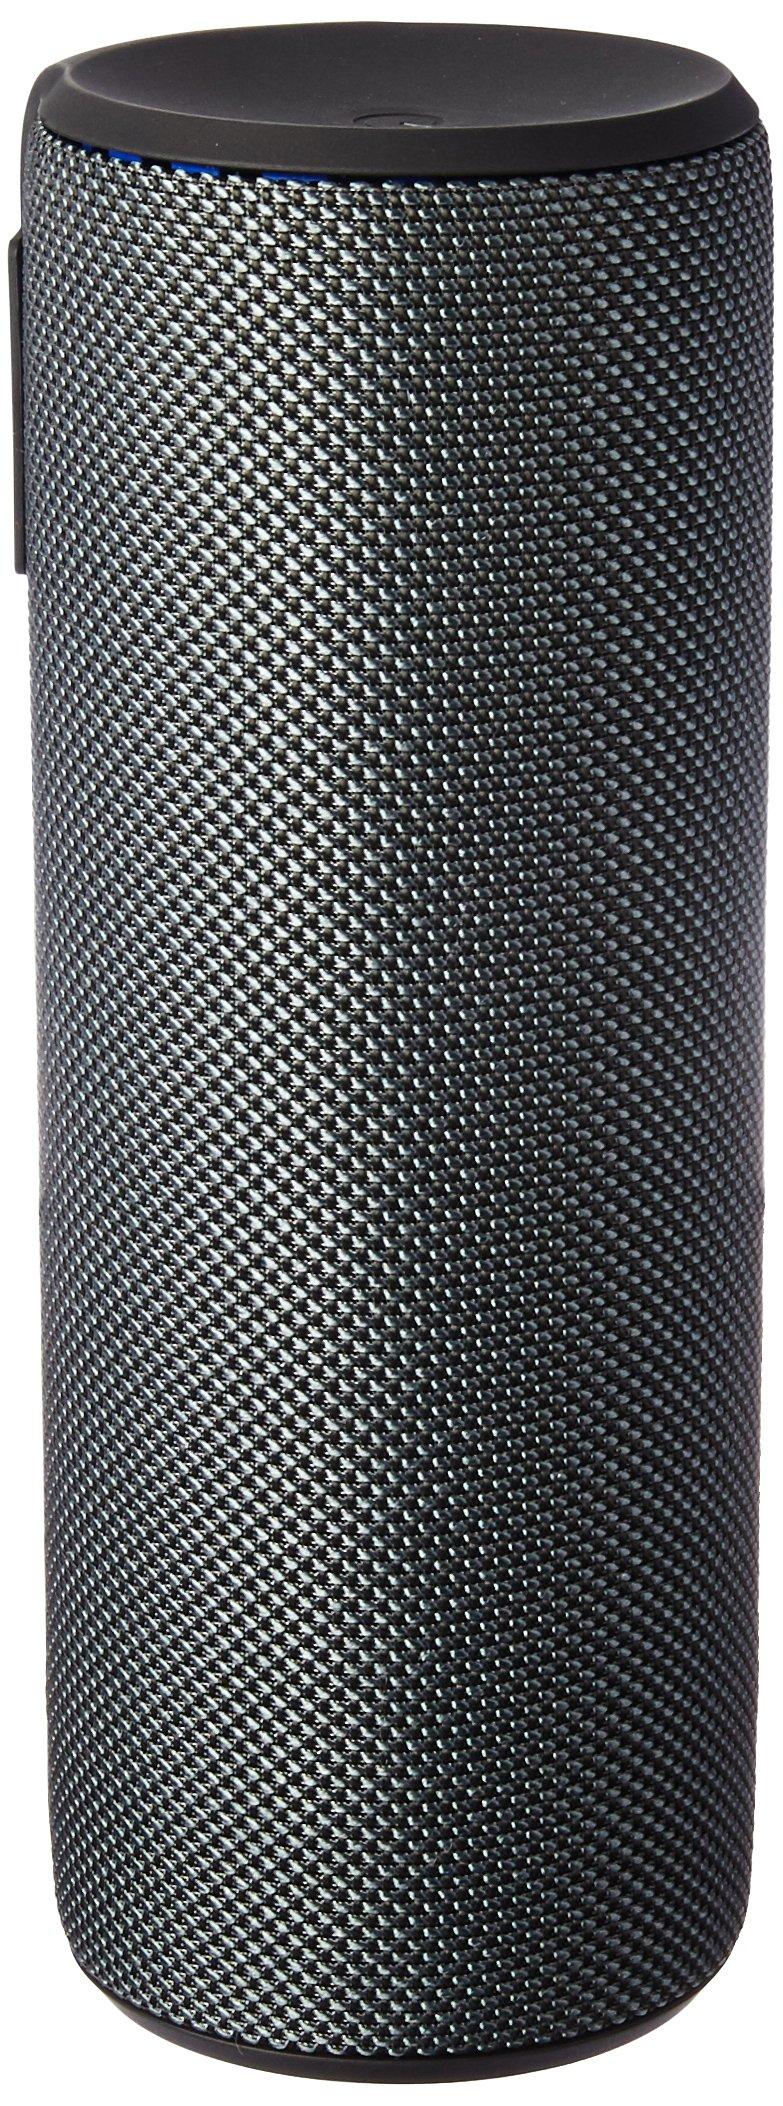 Ultimate Ears UE MEGABOOM Charcoal Black Wireless Mobile Bluetooth Speaker - Waterproof and Shockproof - (Certified Refurbished) by Ultimate Ears (Image #2)